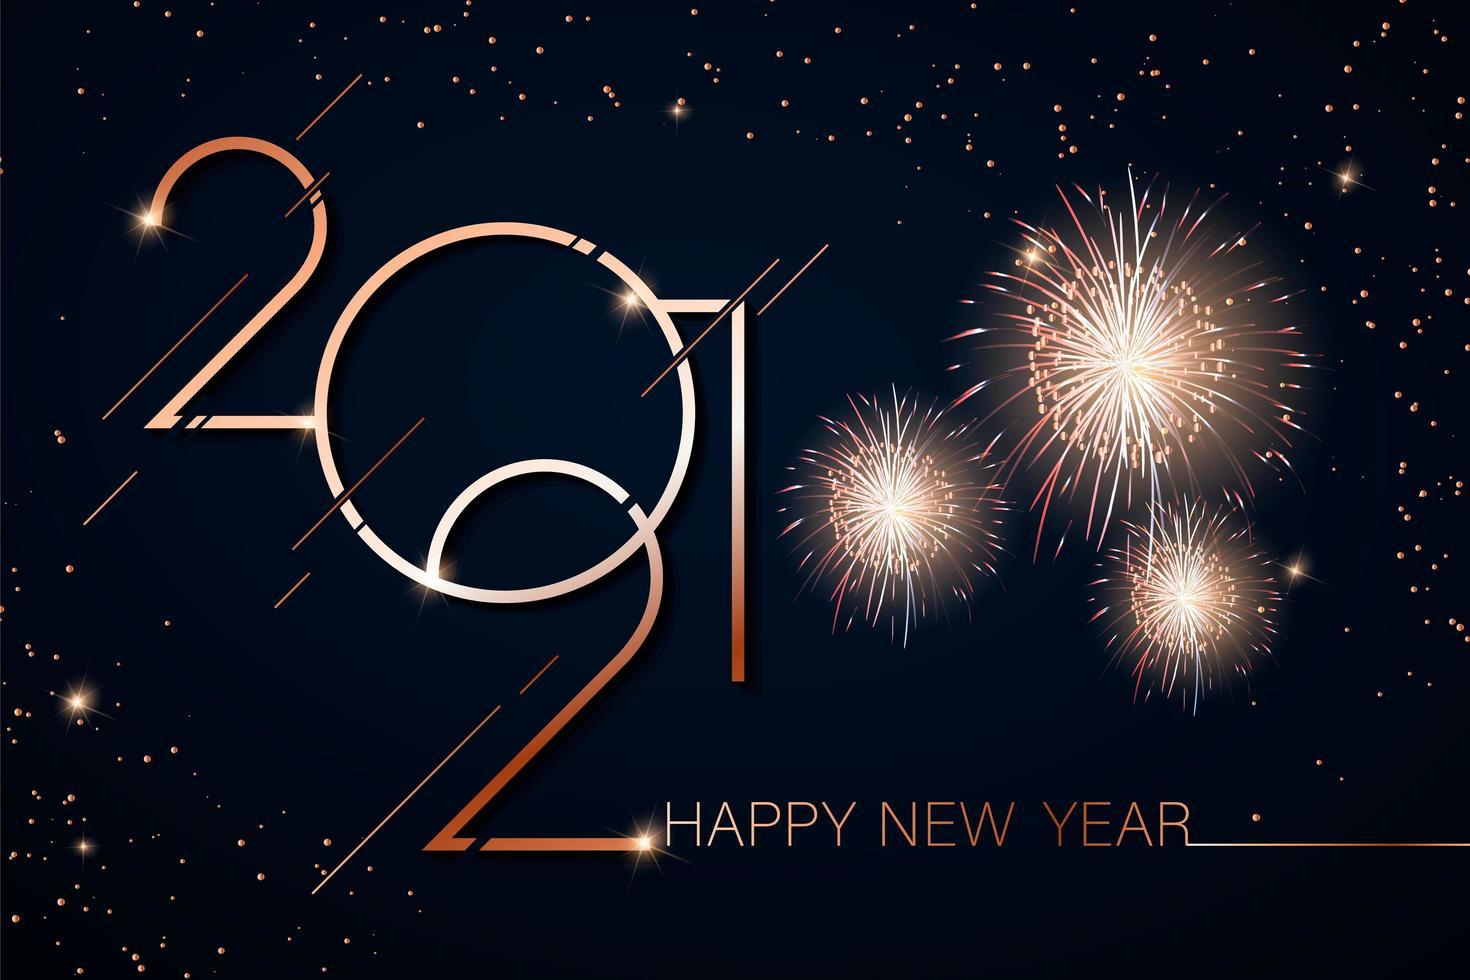 oro feliz año nuevo 2021 vector